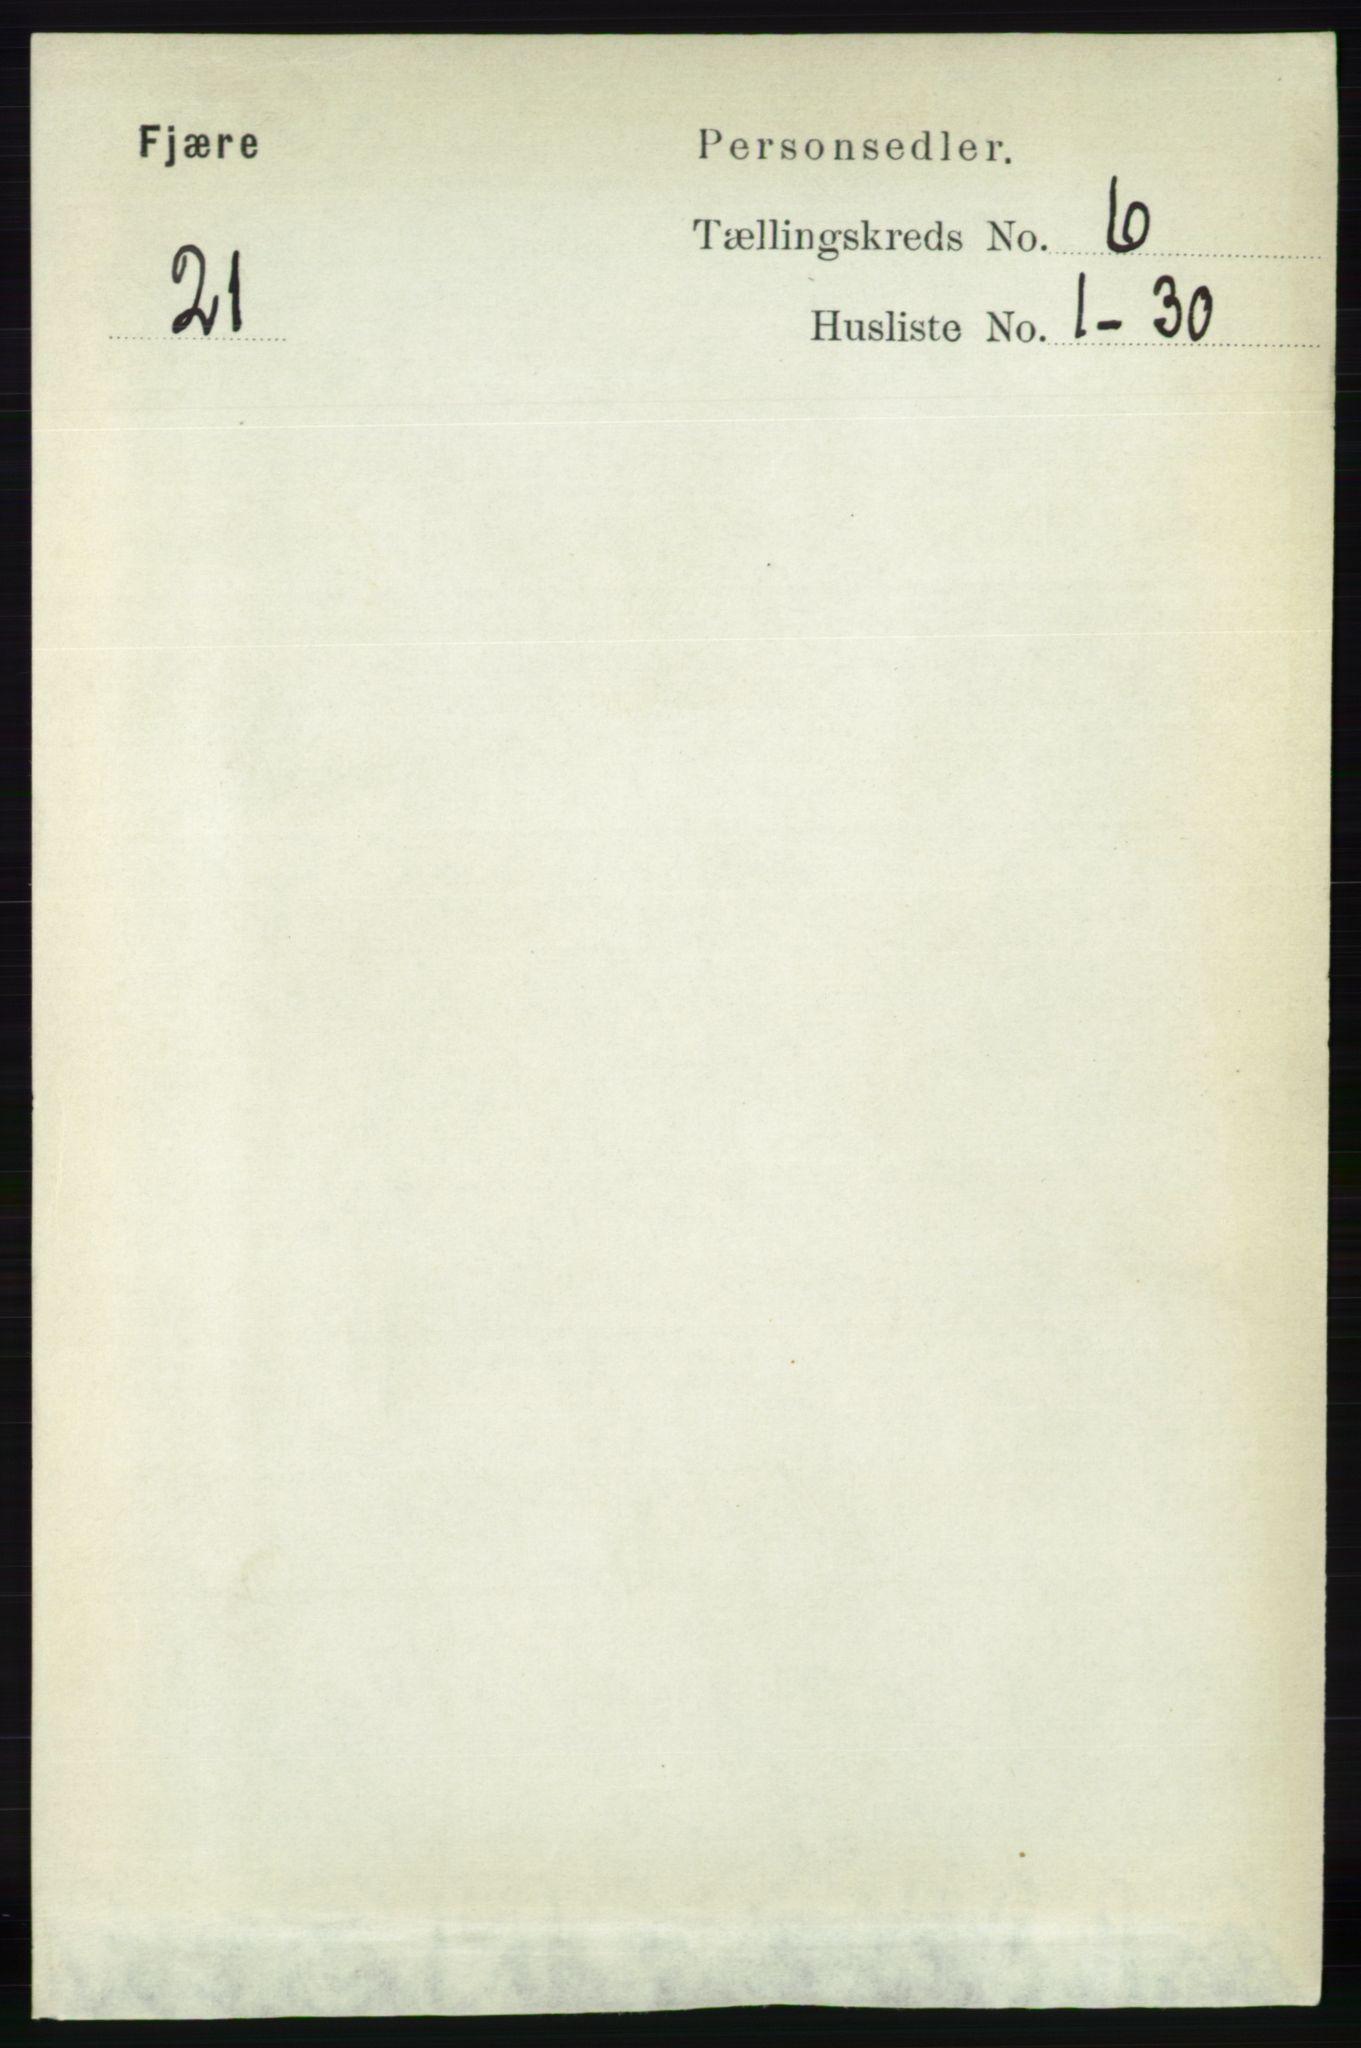 RA, Folketelling 1891 for 0923 Fjære herred, 1891, s. 2958